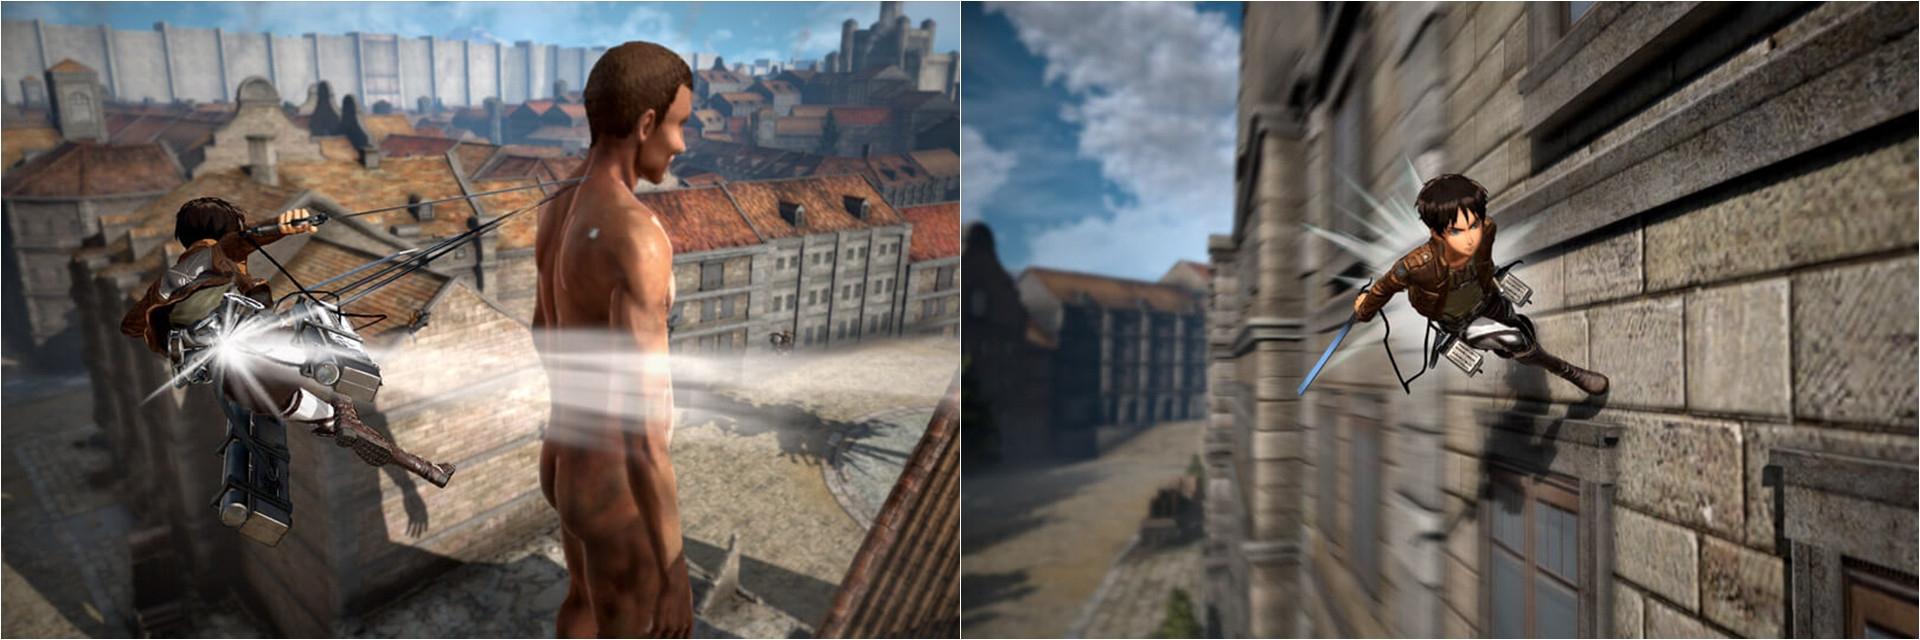 【講 GAME 話】《進擊的巨人 2》忠實呈現原作!不想被吃掉?那就飛簷走壁砍巨人!